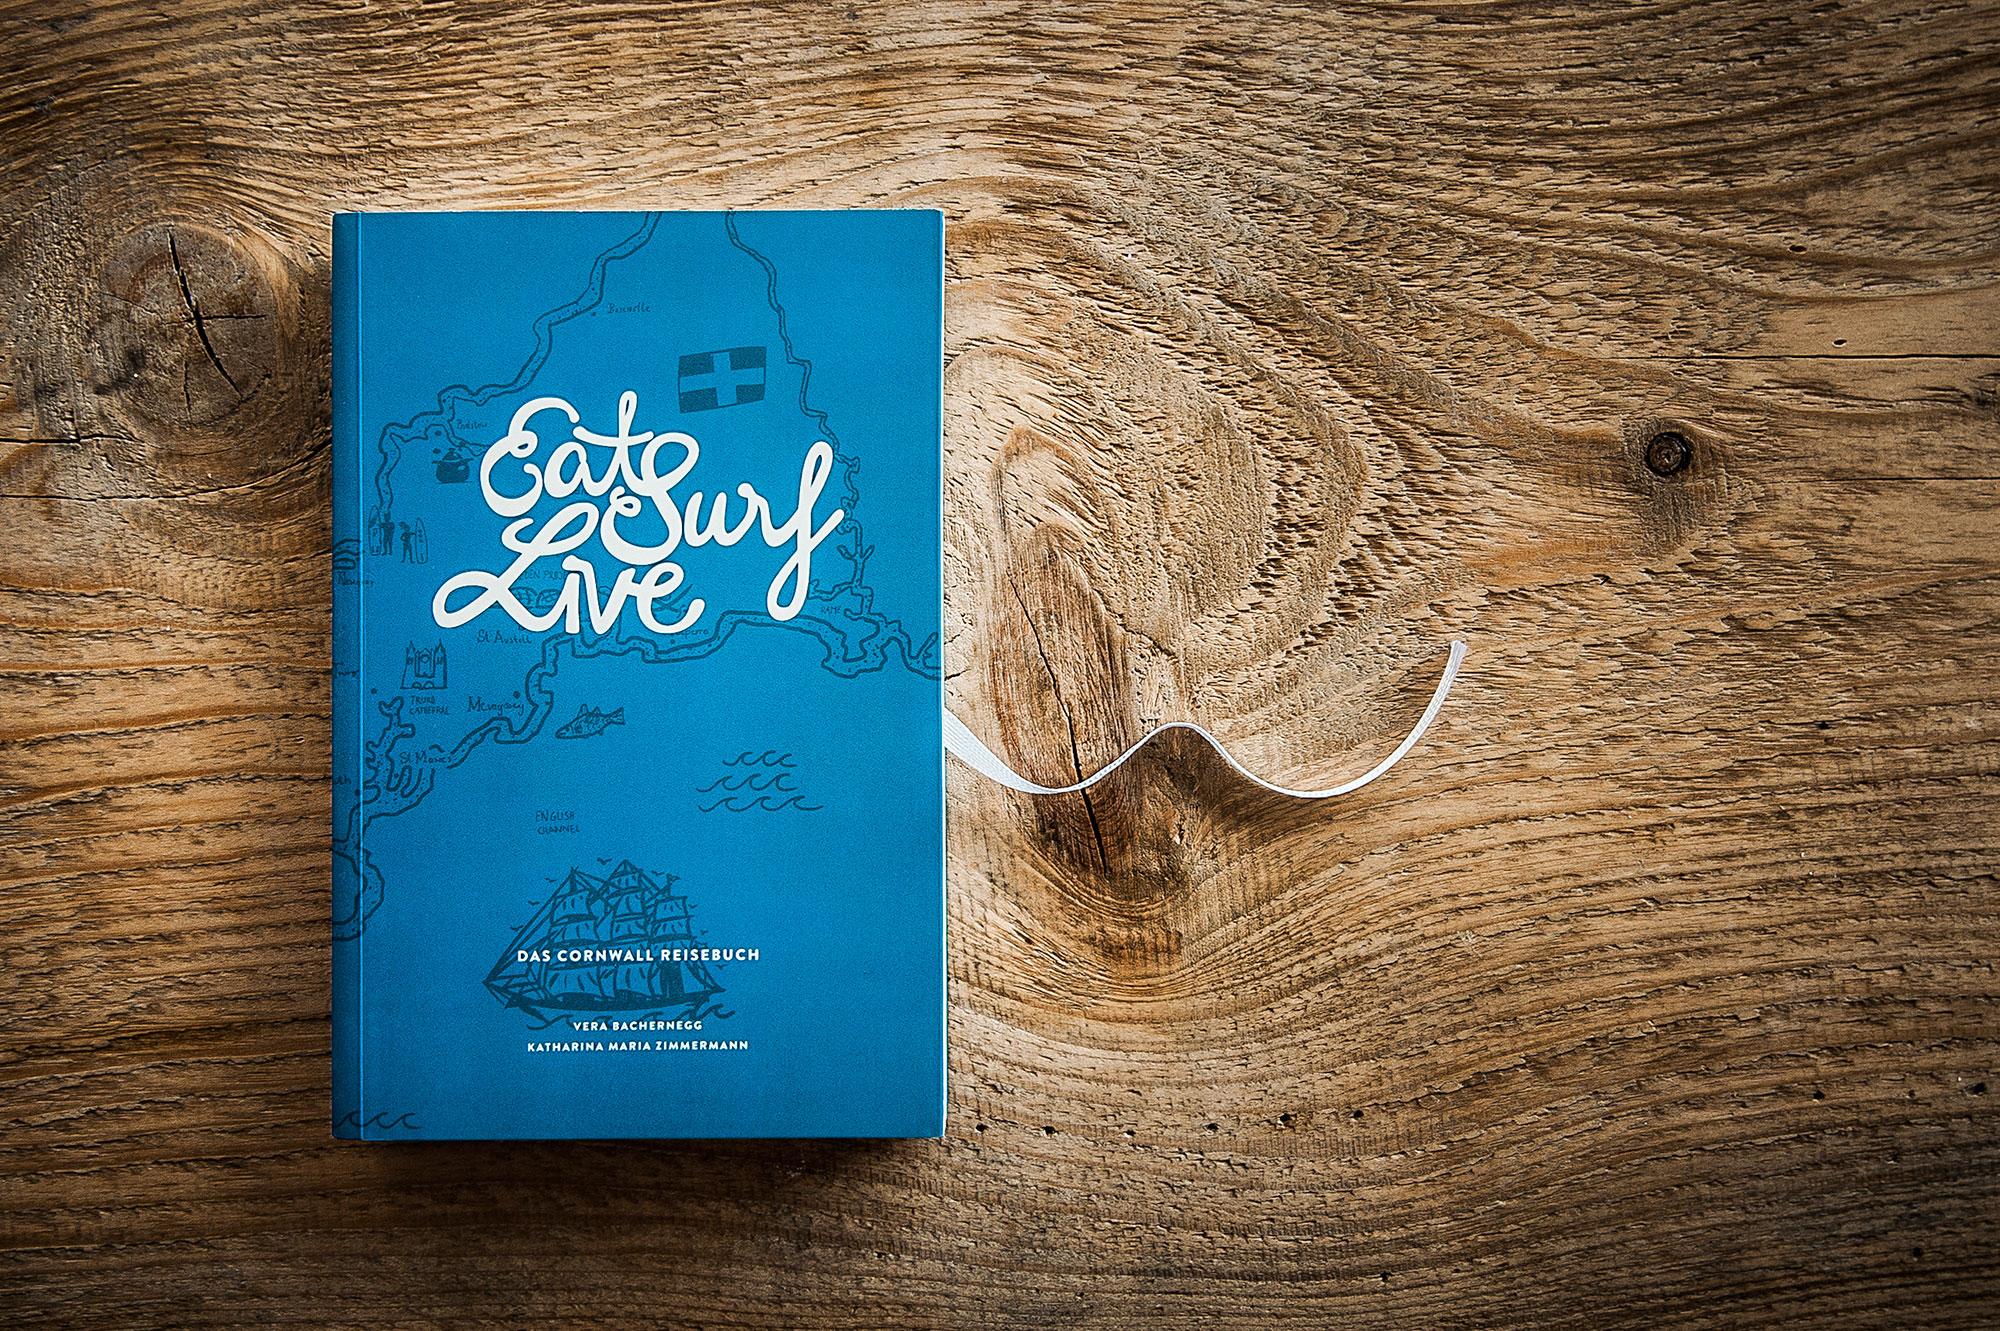 EATSURFLIVE_BIB8